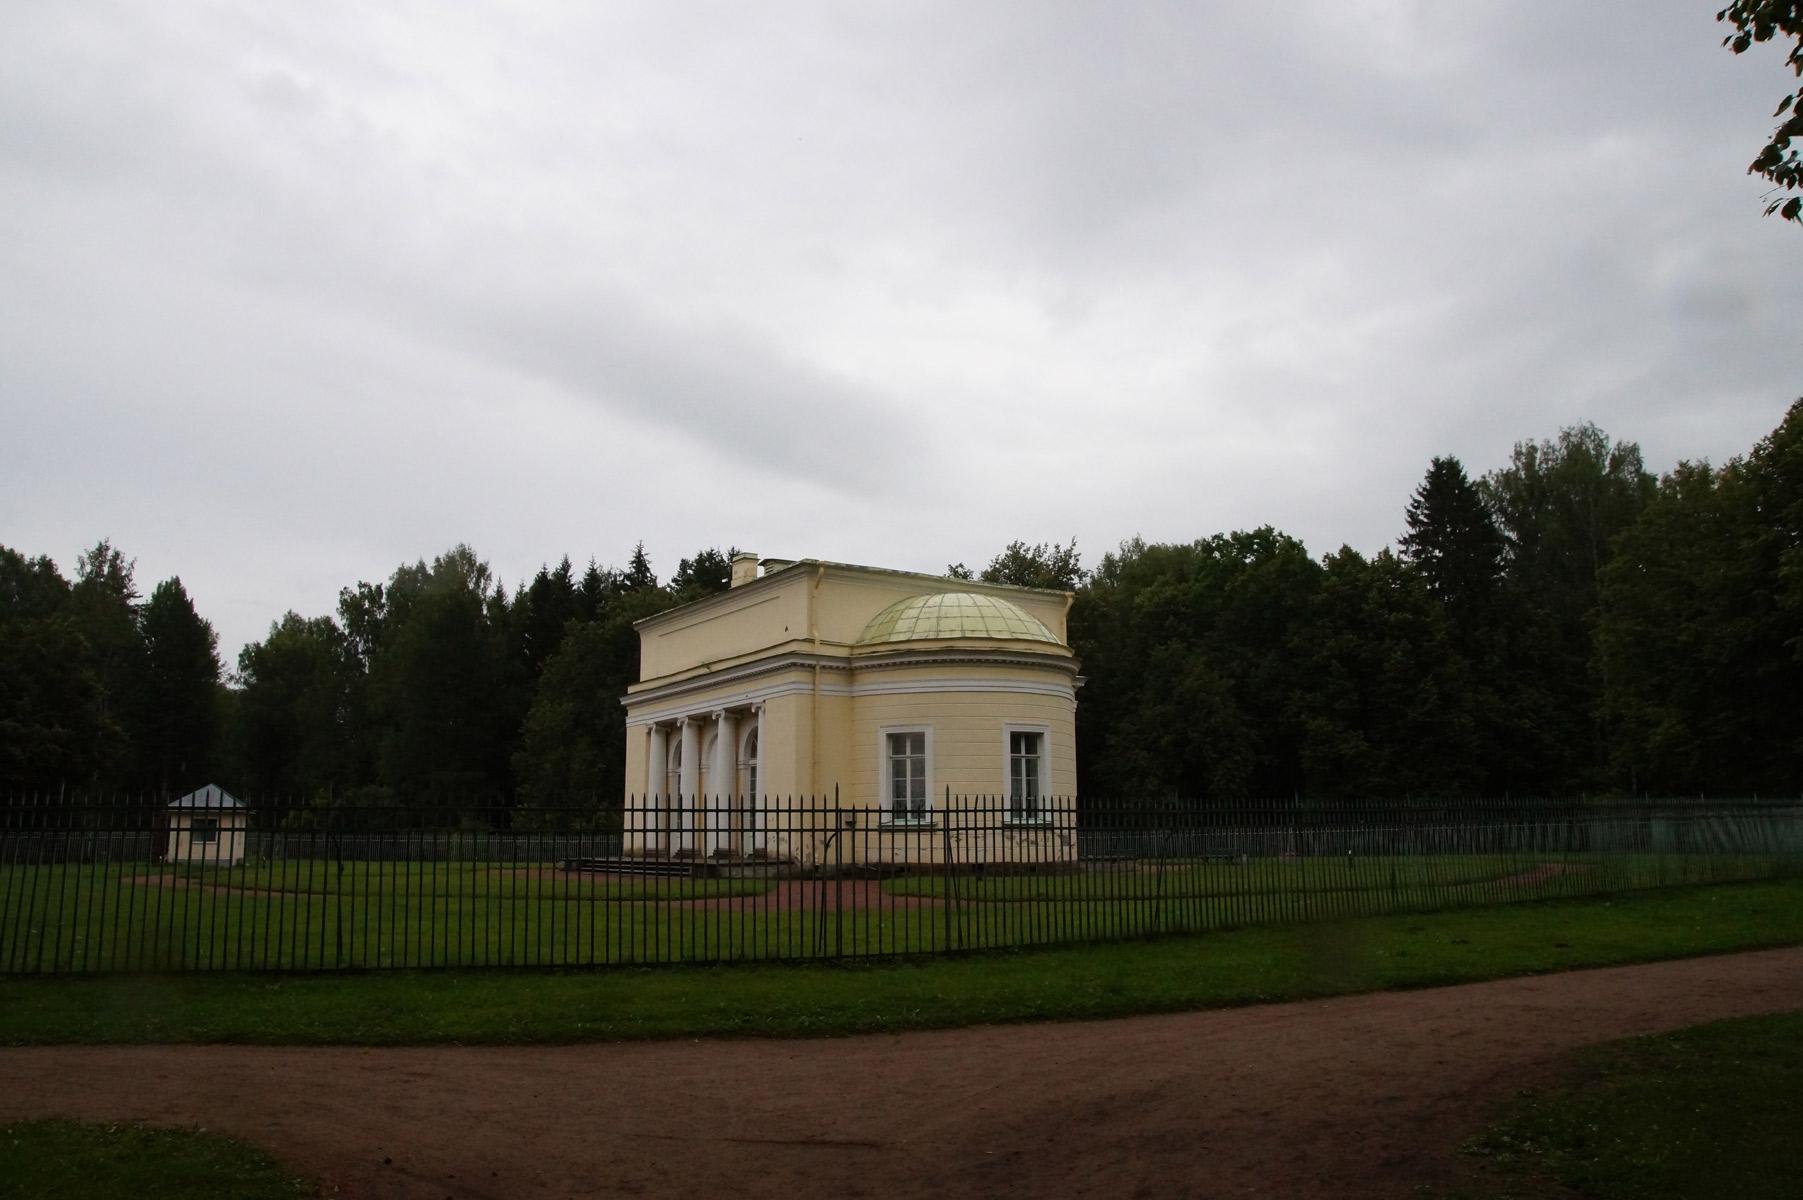 Павловск, Санкт-Петербург, лето 2019